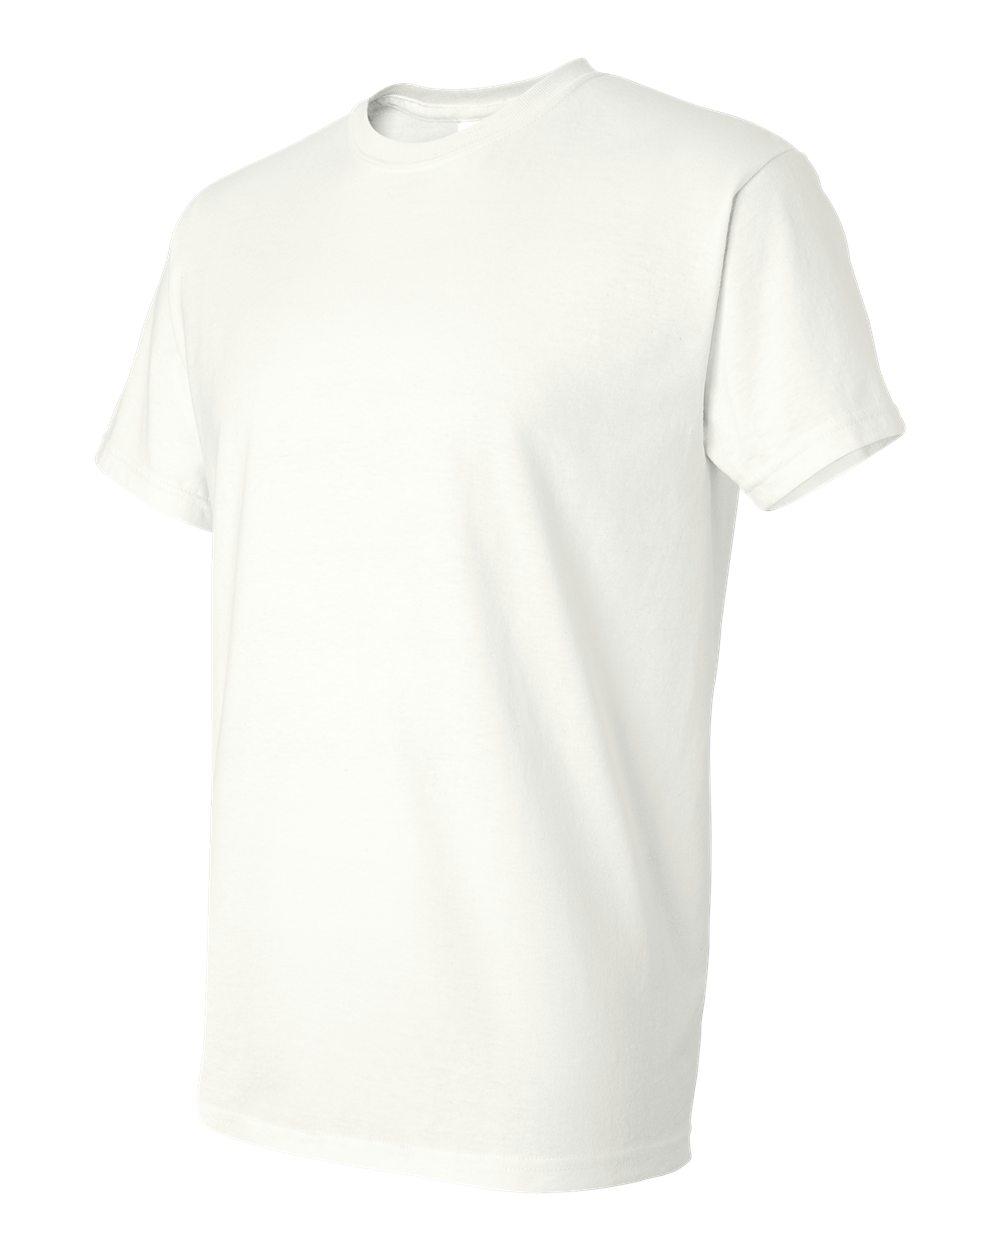 Gildan-Mens-DryBlend-5-6-oz-50-50-T-Shirt-G800-Size-S-5XL thumbnail 92